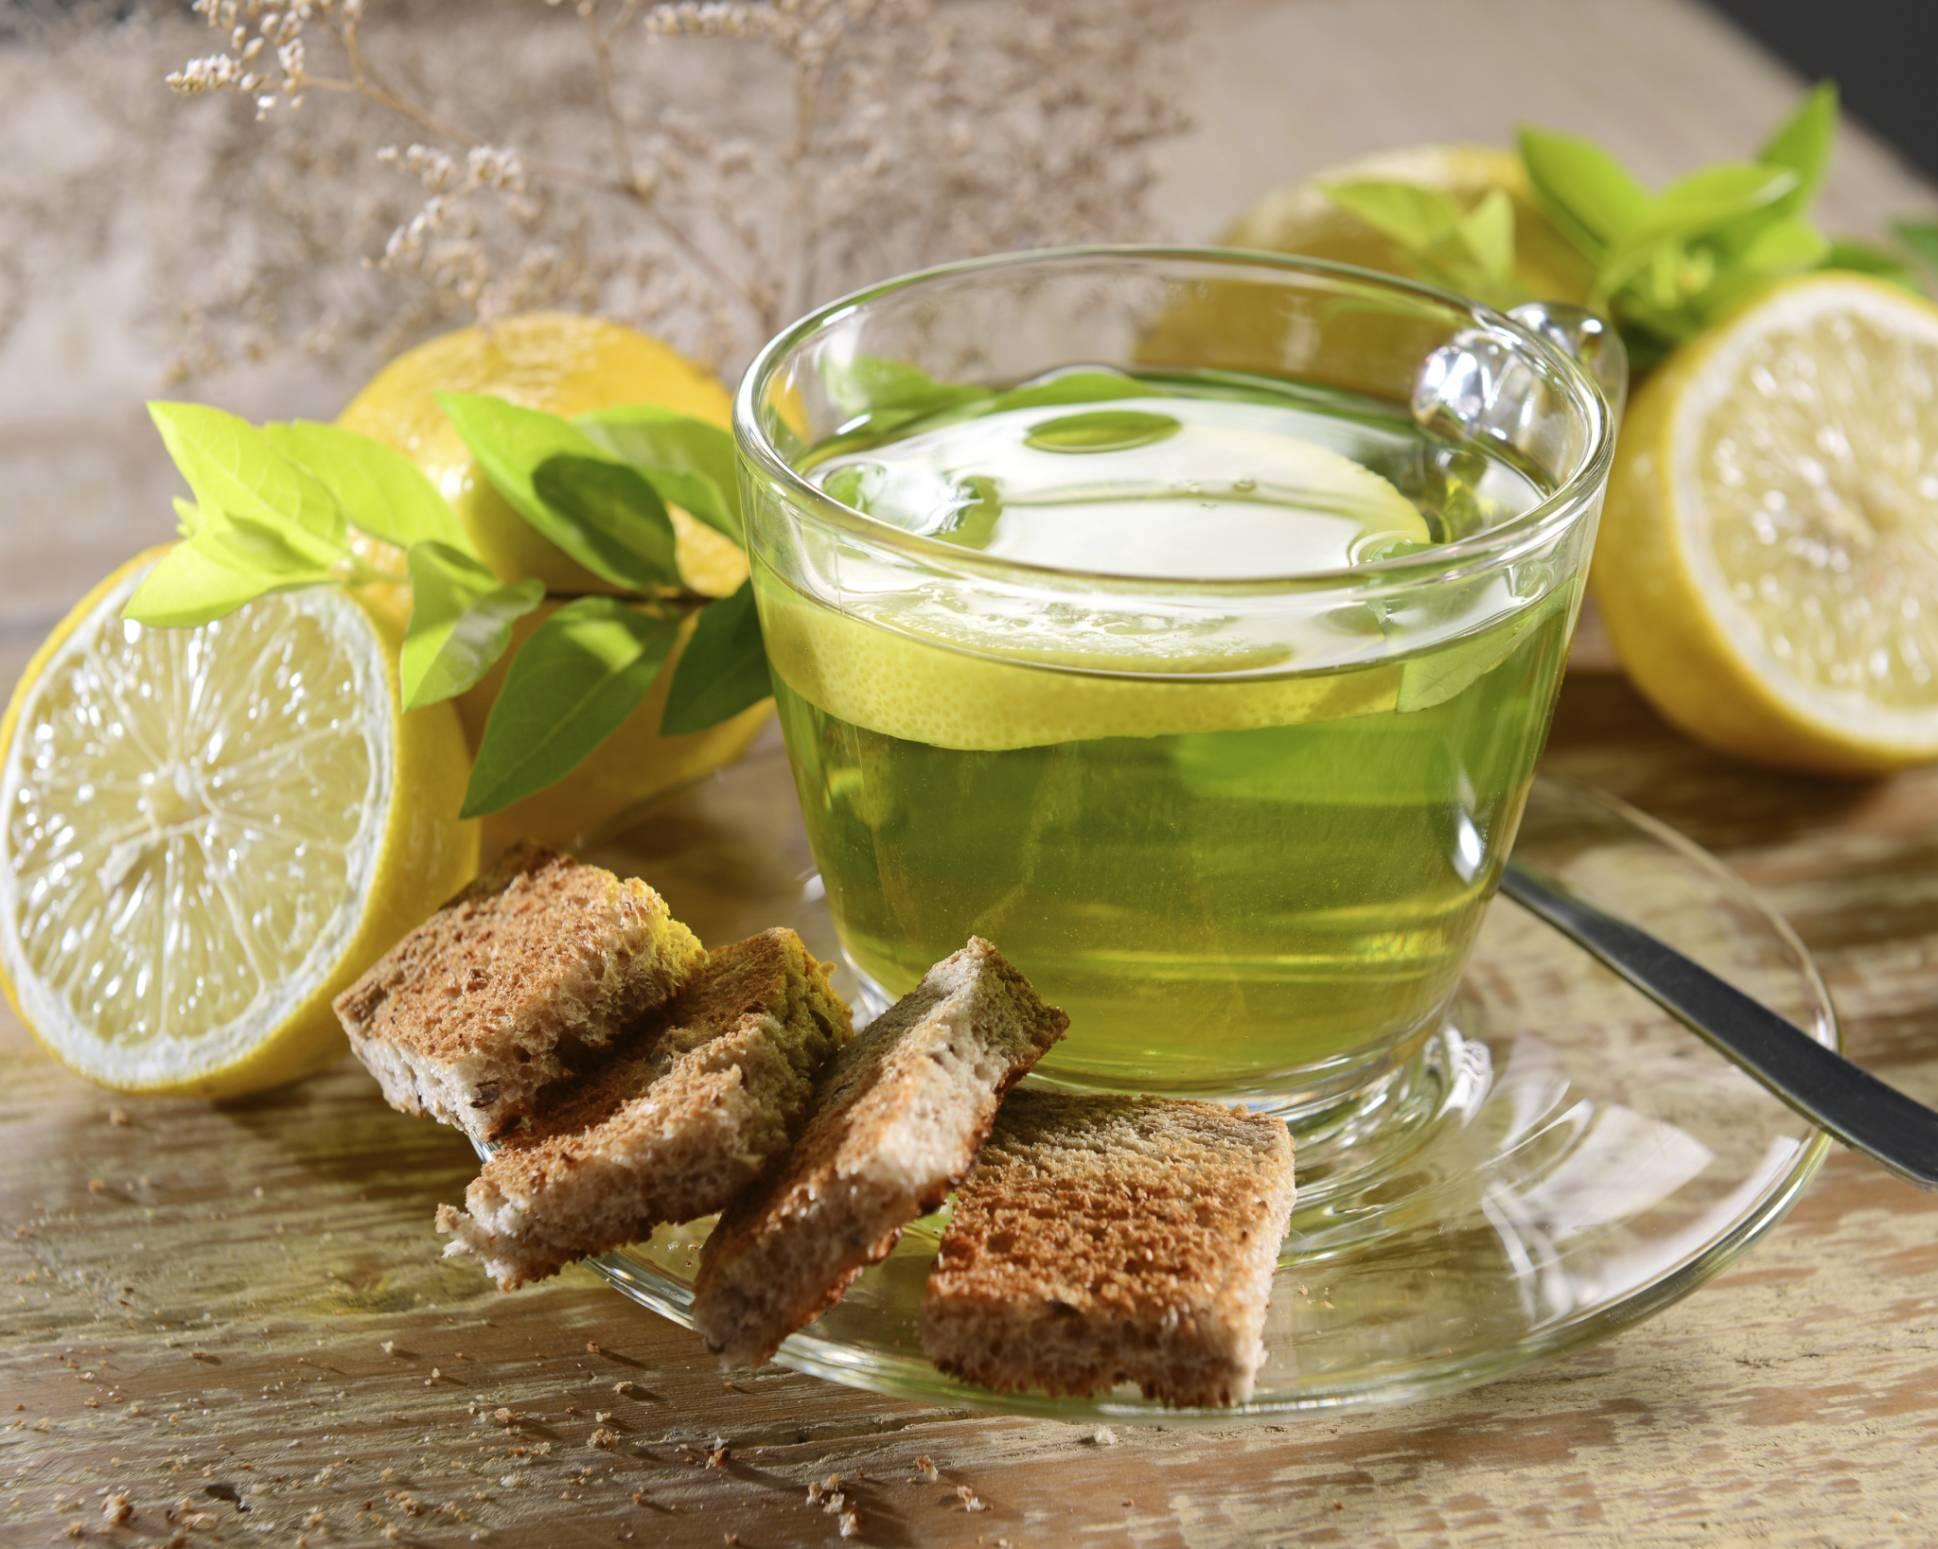 Зеленый чай лемонграсс - полезные свойства, как заваривать